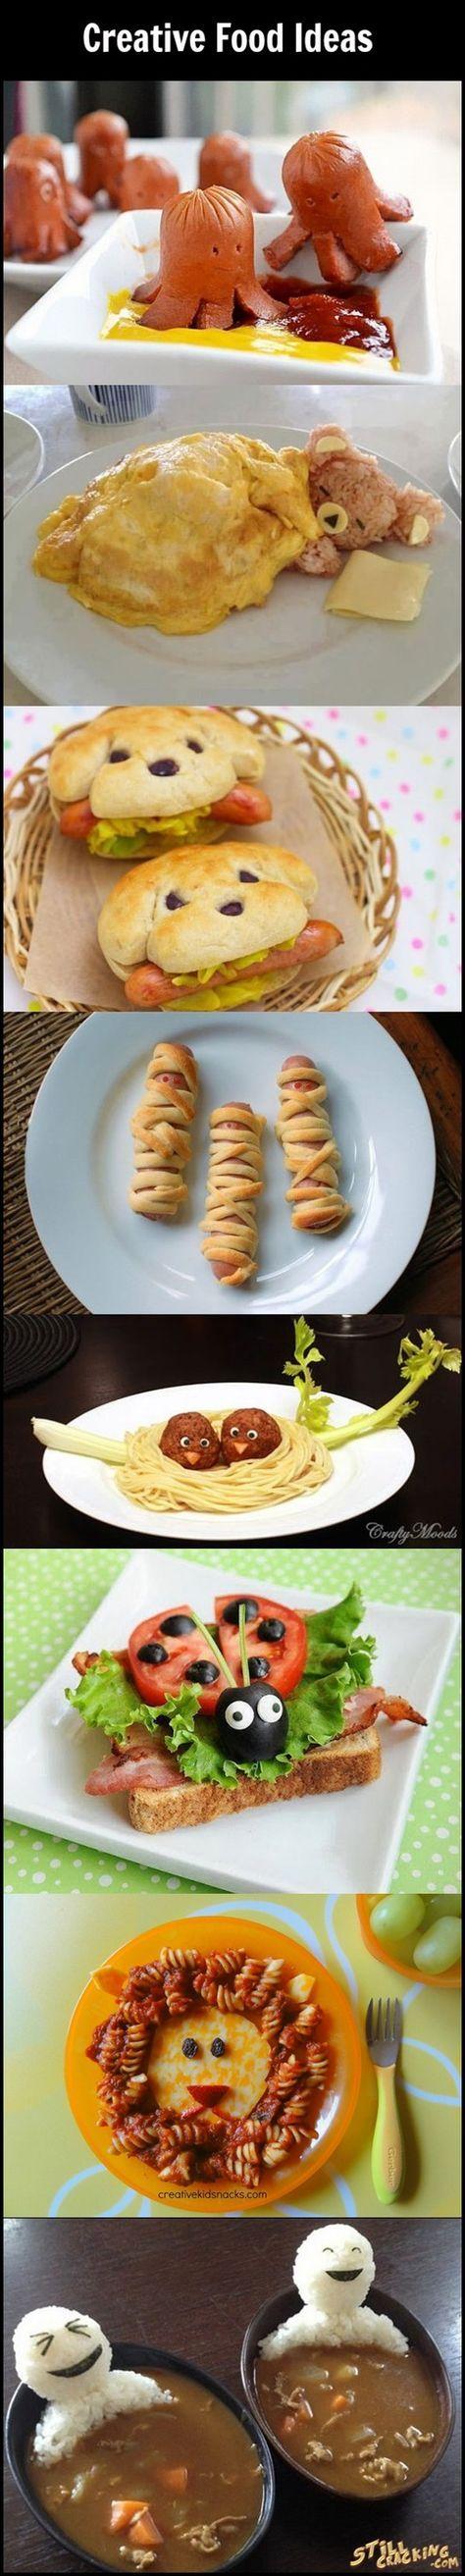 Kreative Ideen für's Abendbrot.